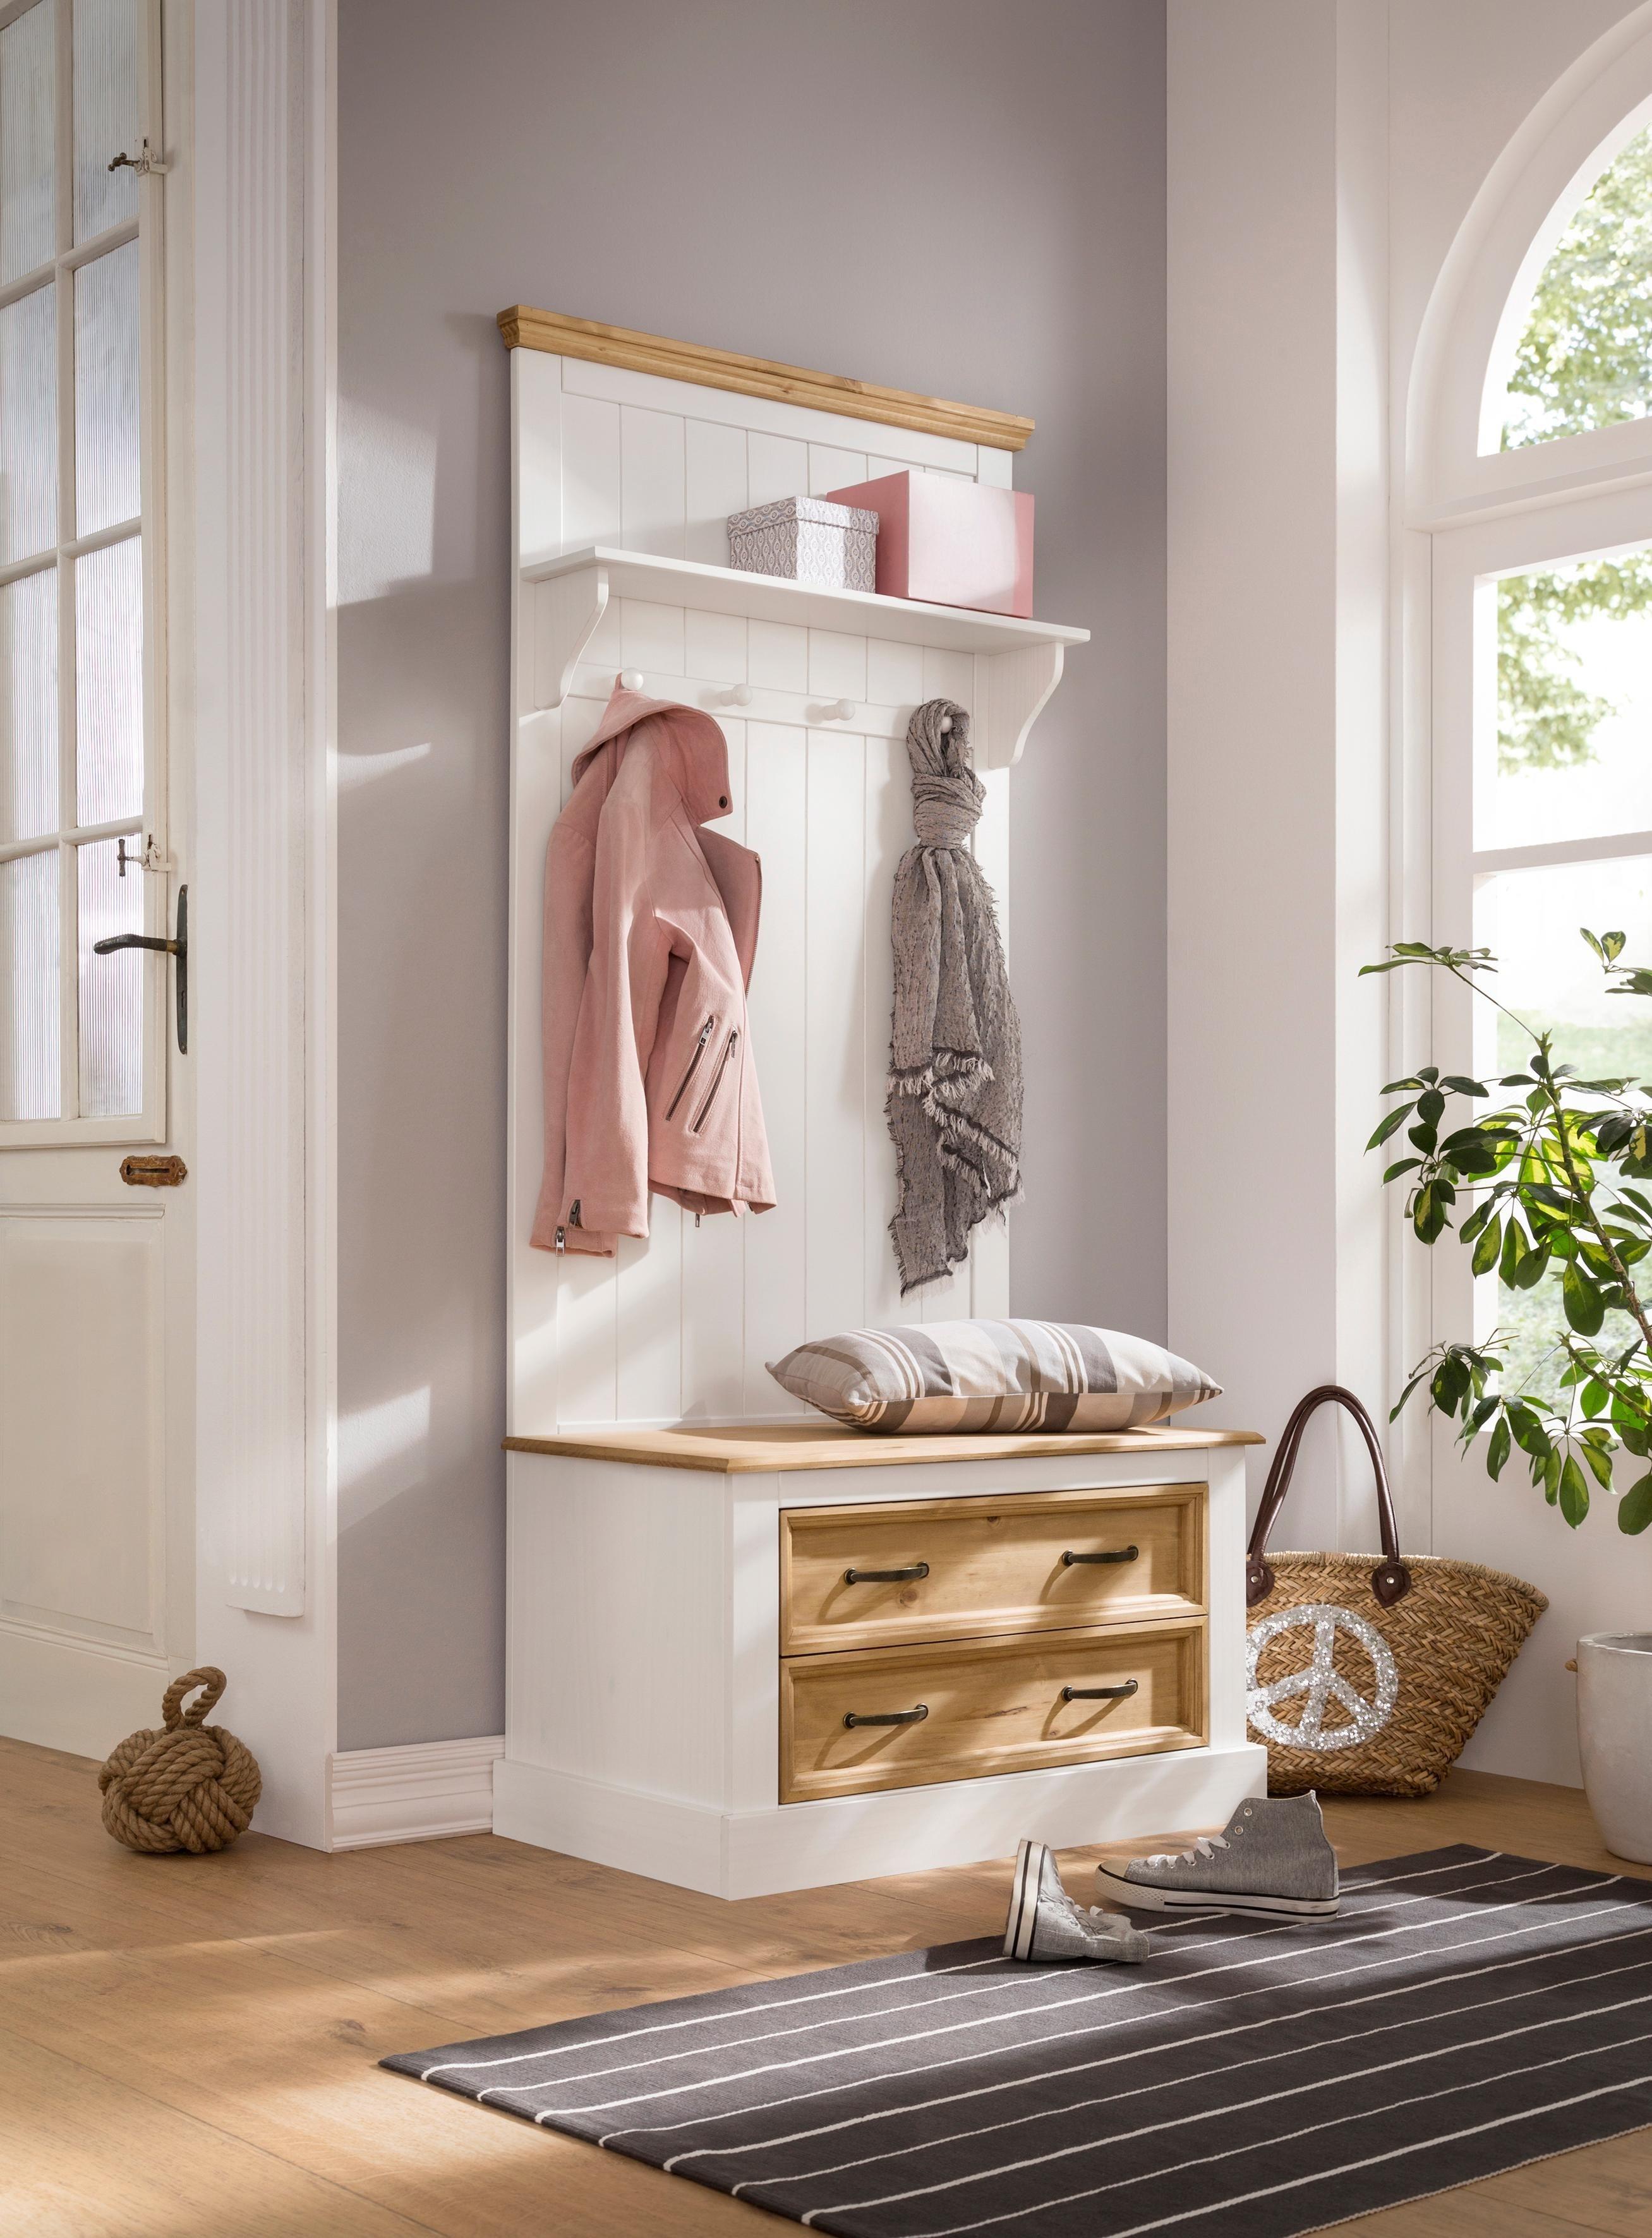 Sympathisch Möbel Diele Dekoration Von Home Affaire Kompaktgarderobe »selmaÂ«, Mit Hutablage, Mehreren